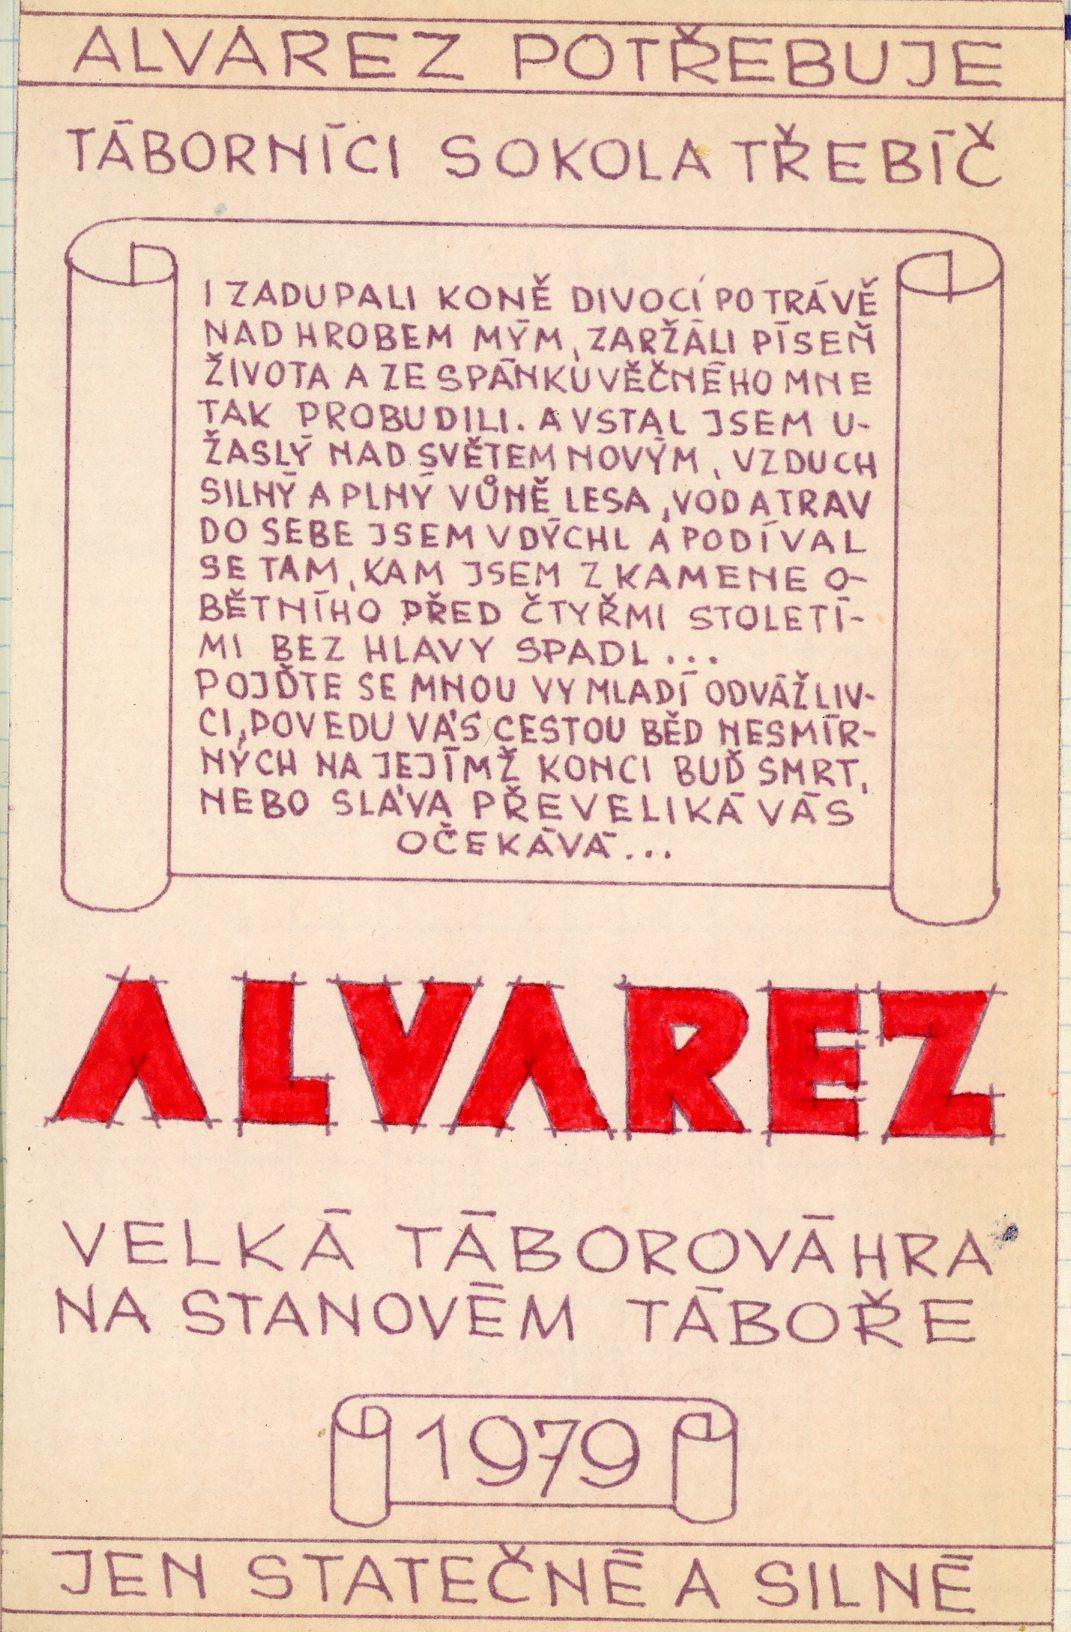 Alvarez - uvodni nalepka